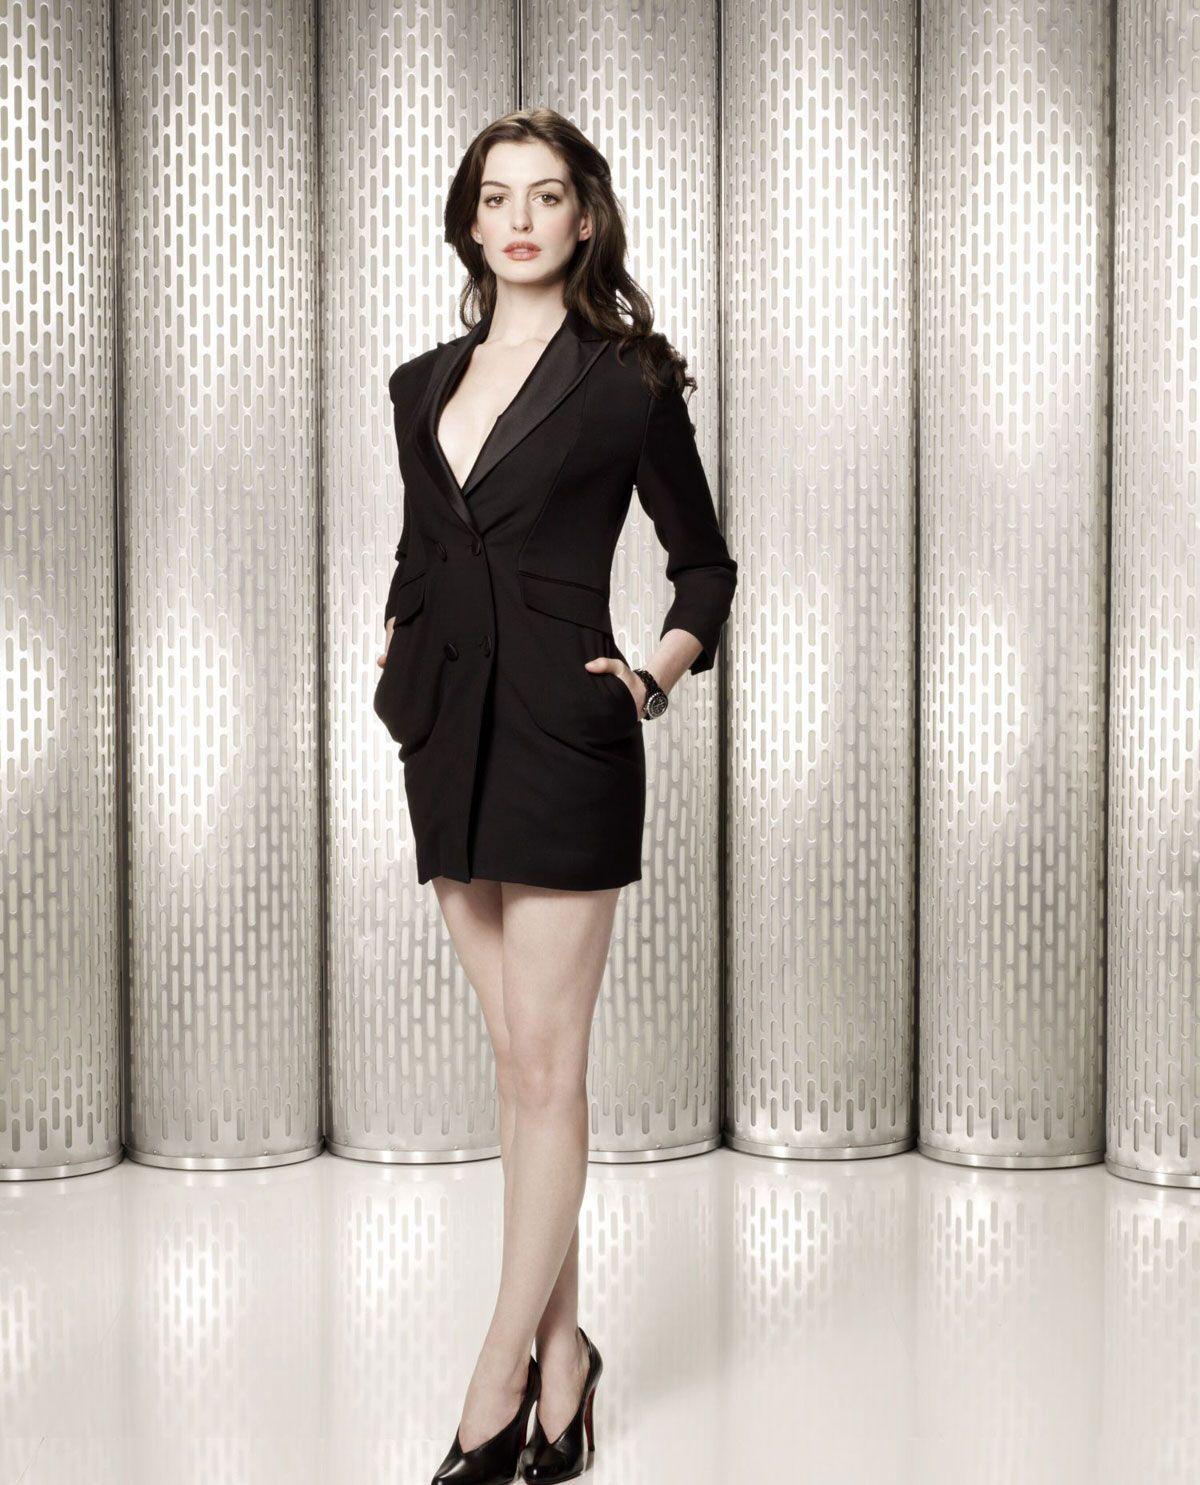 Anne Hathaway 02 22